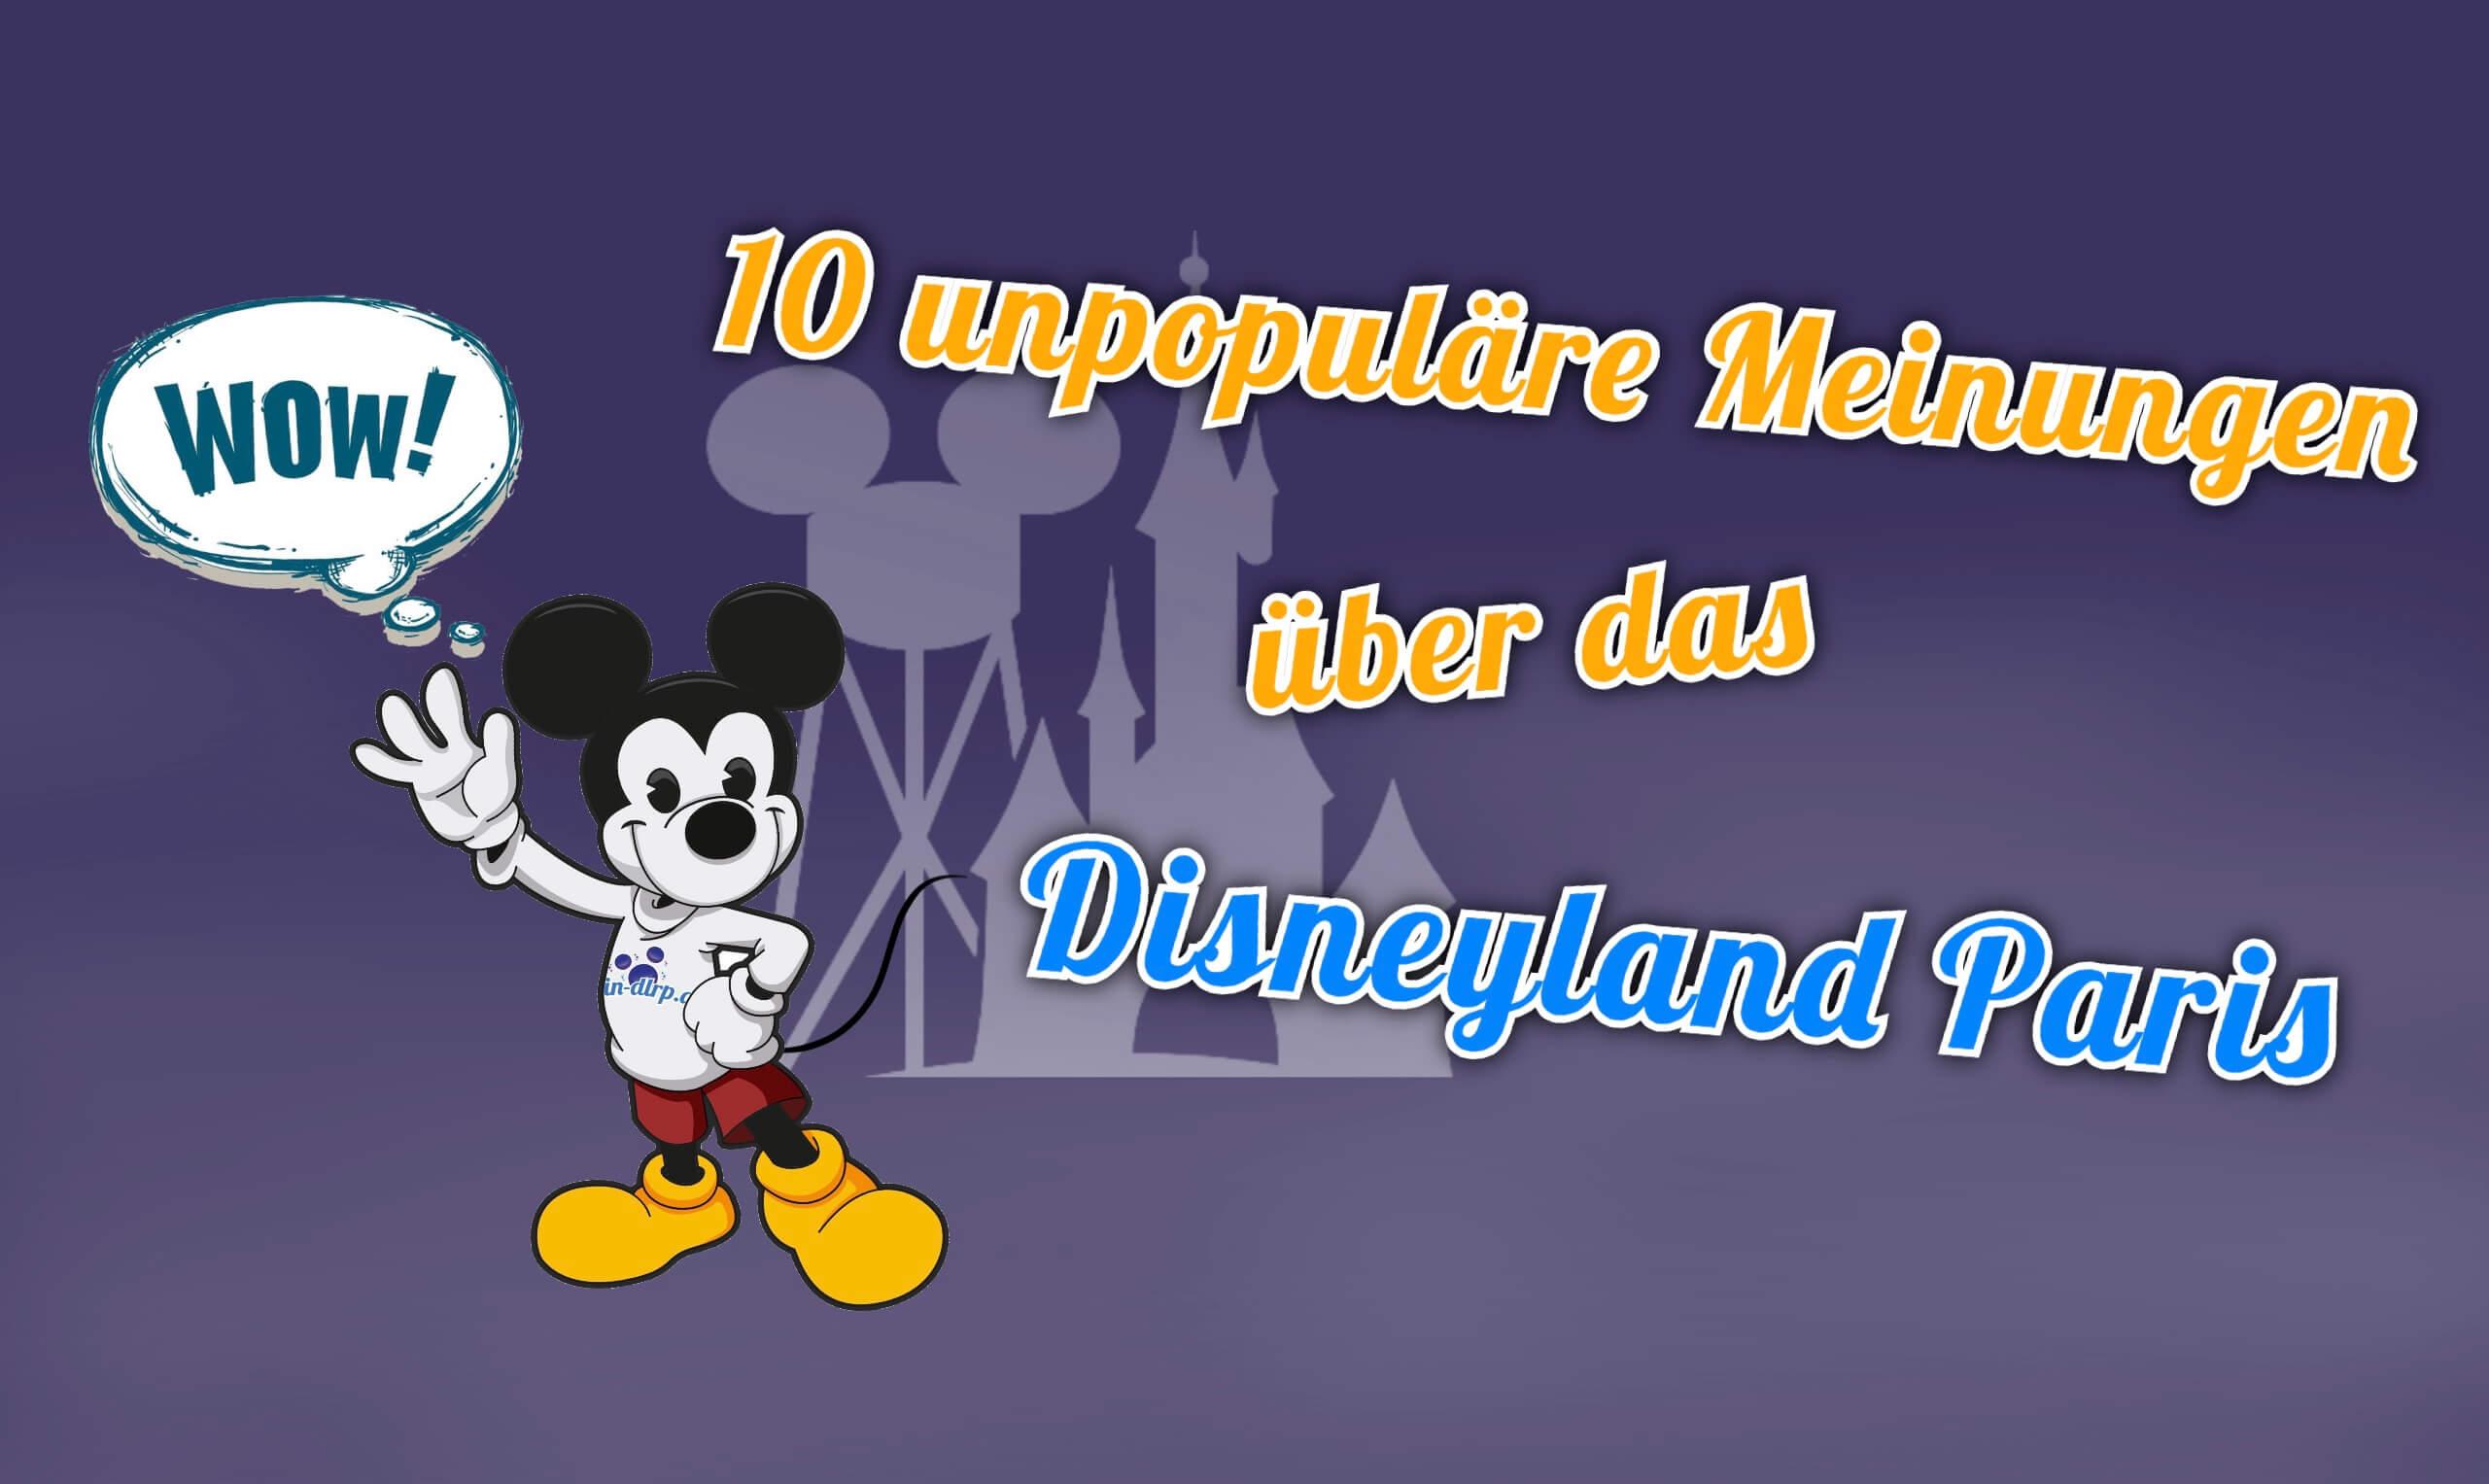 Mickey mit Sprechblase und Earfelltower im Hintergrund